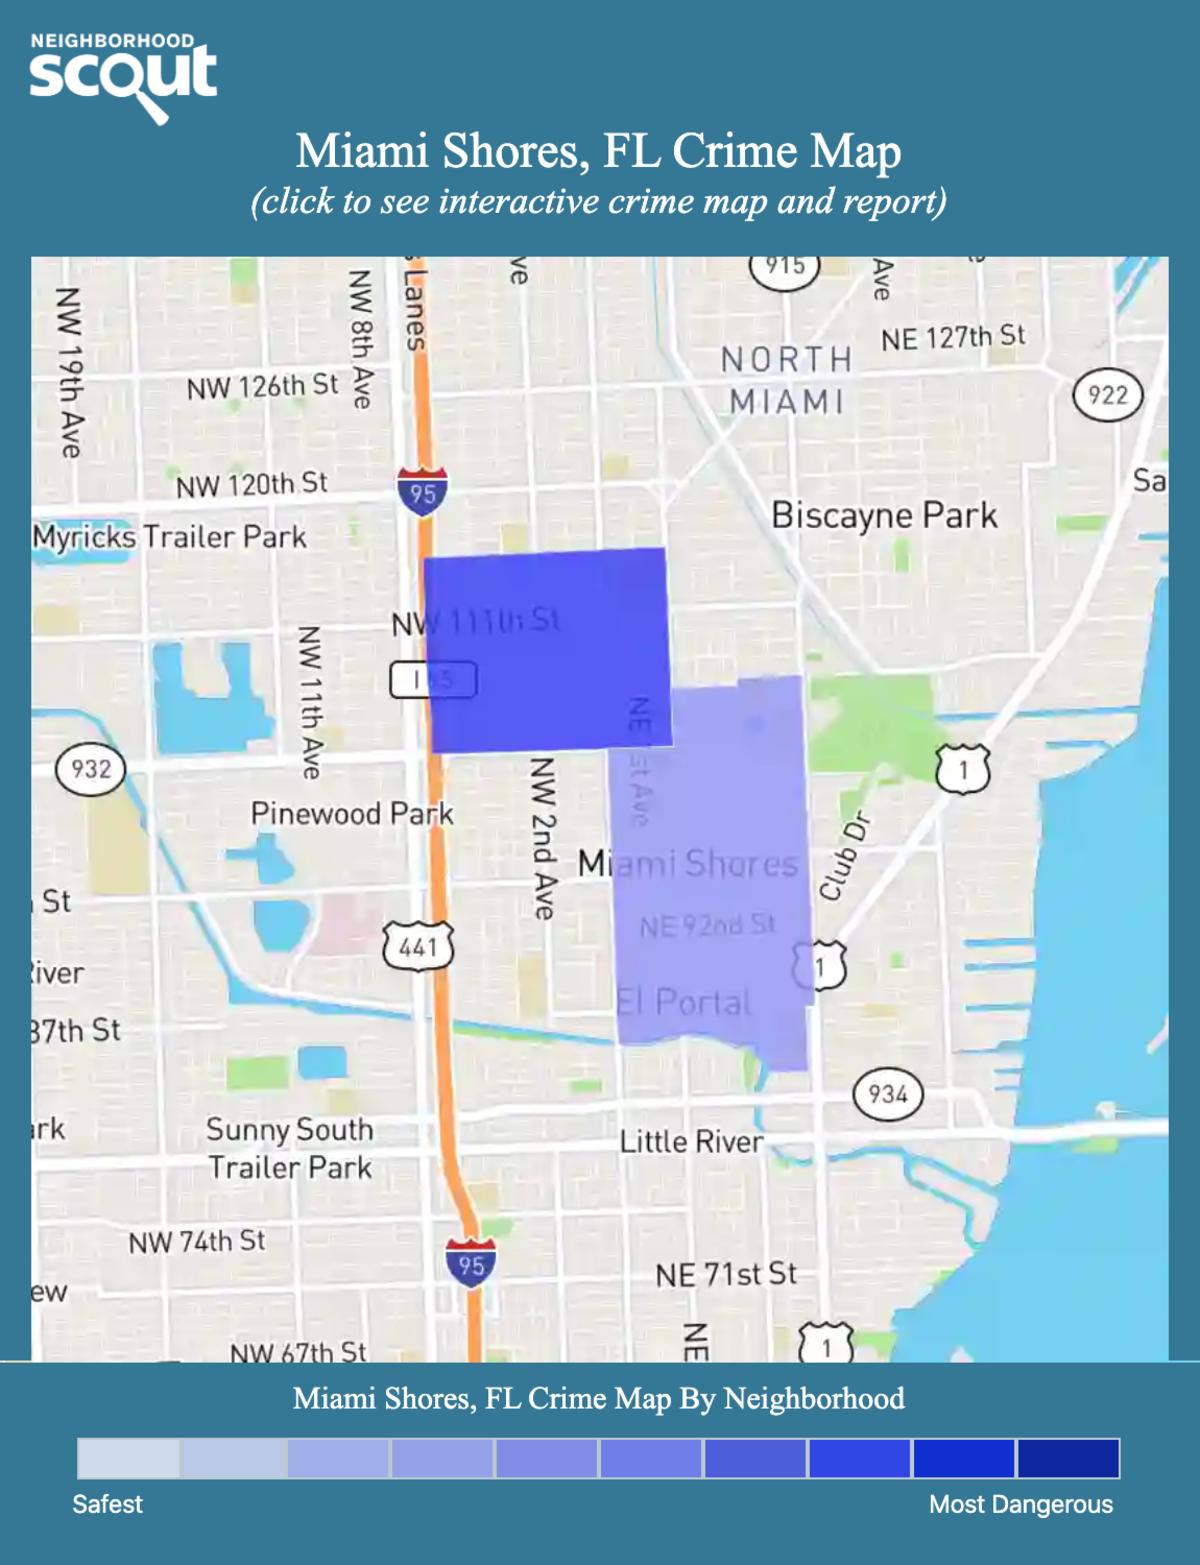 Miami Shores, Florida crime map